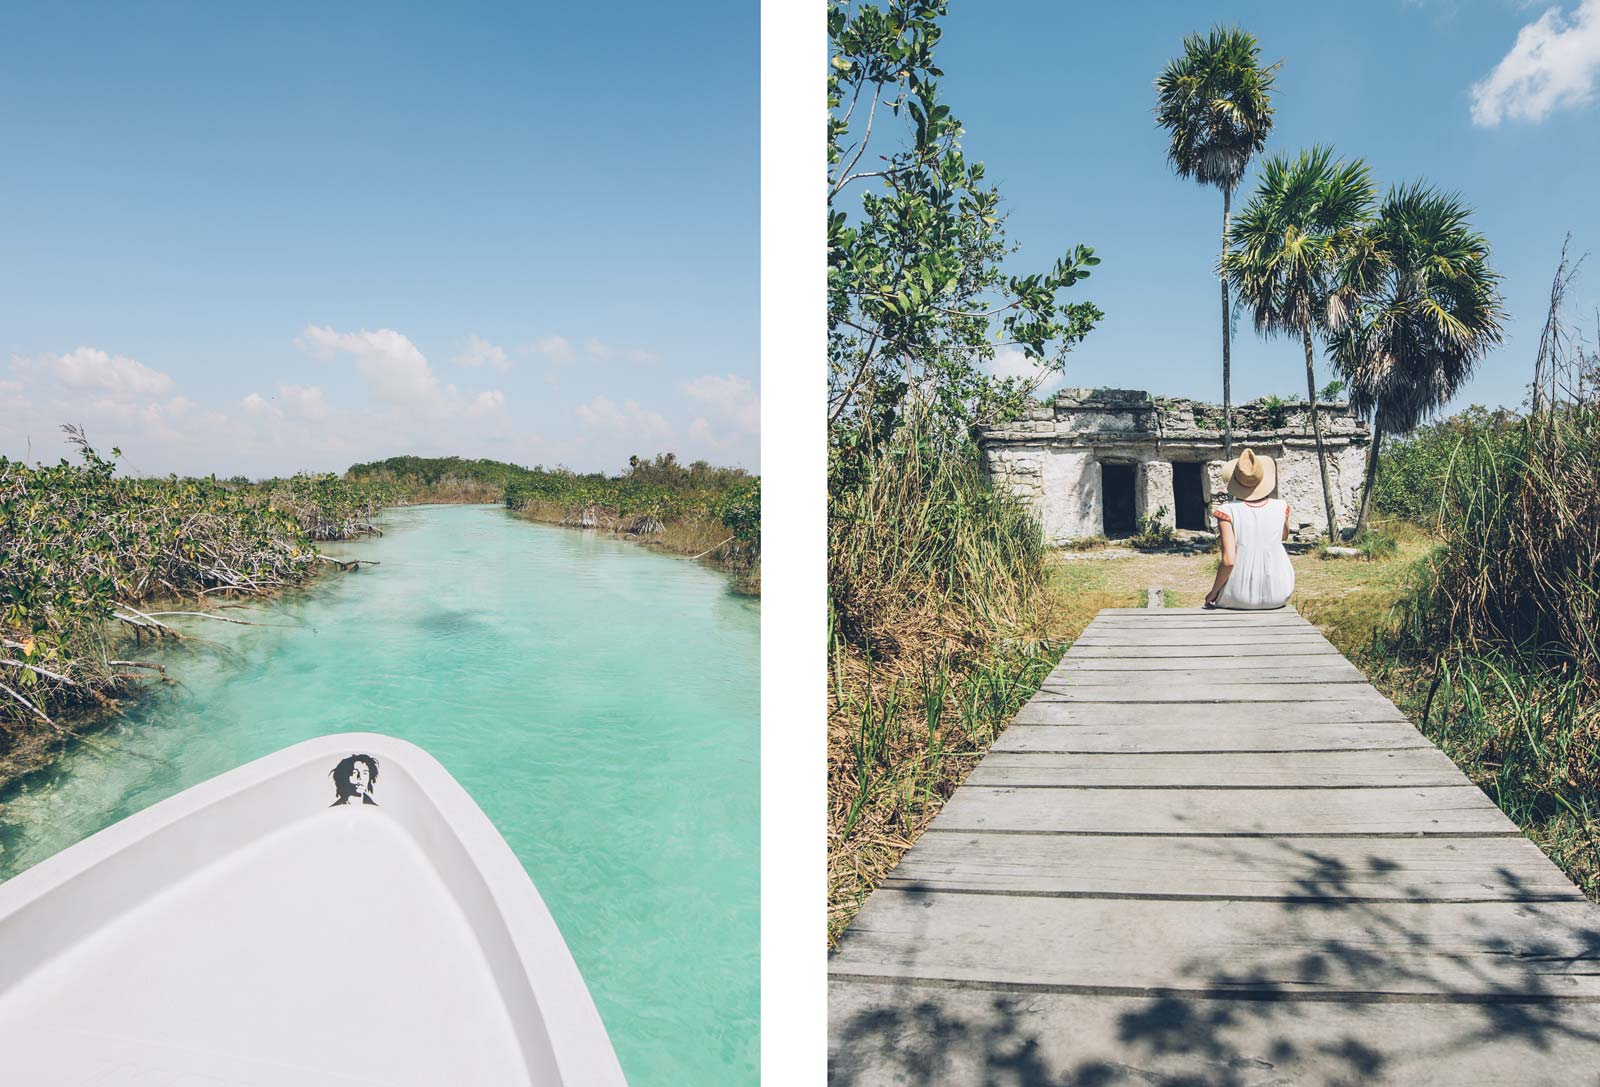 Excursion guidée Sian Kaan avec Martine Dufour